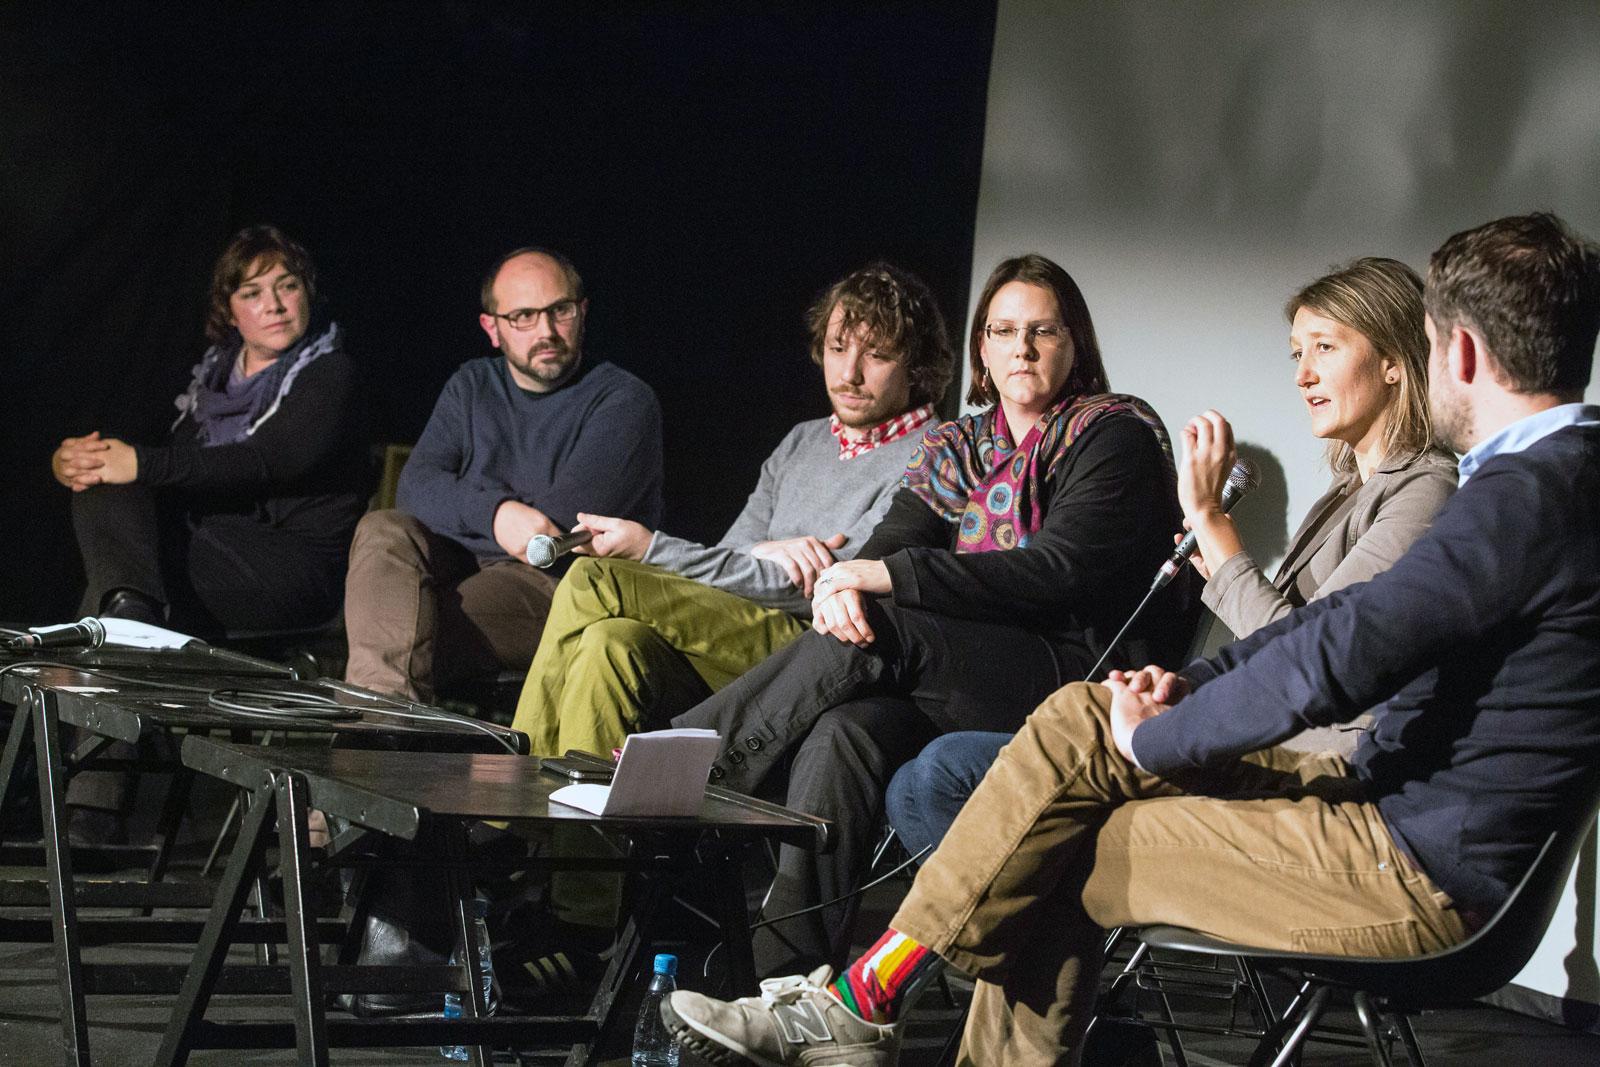 Javni forum: V imenu ljudstva: rasizem, populizem in diskriminacija, 19. november 2014, CUK Kino Šiška